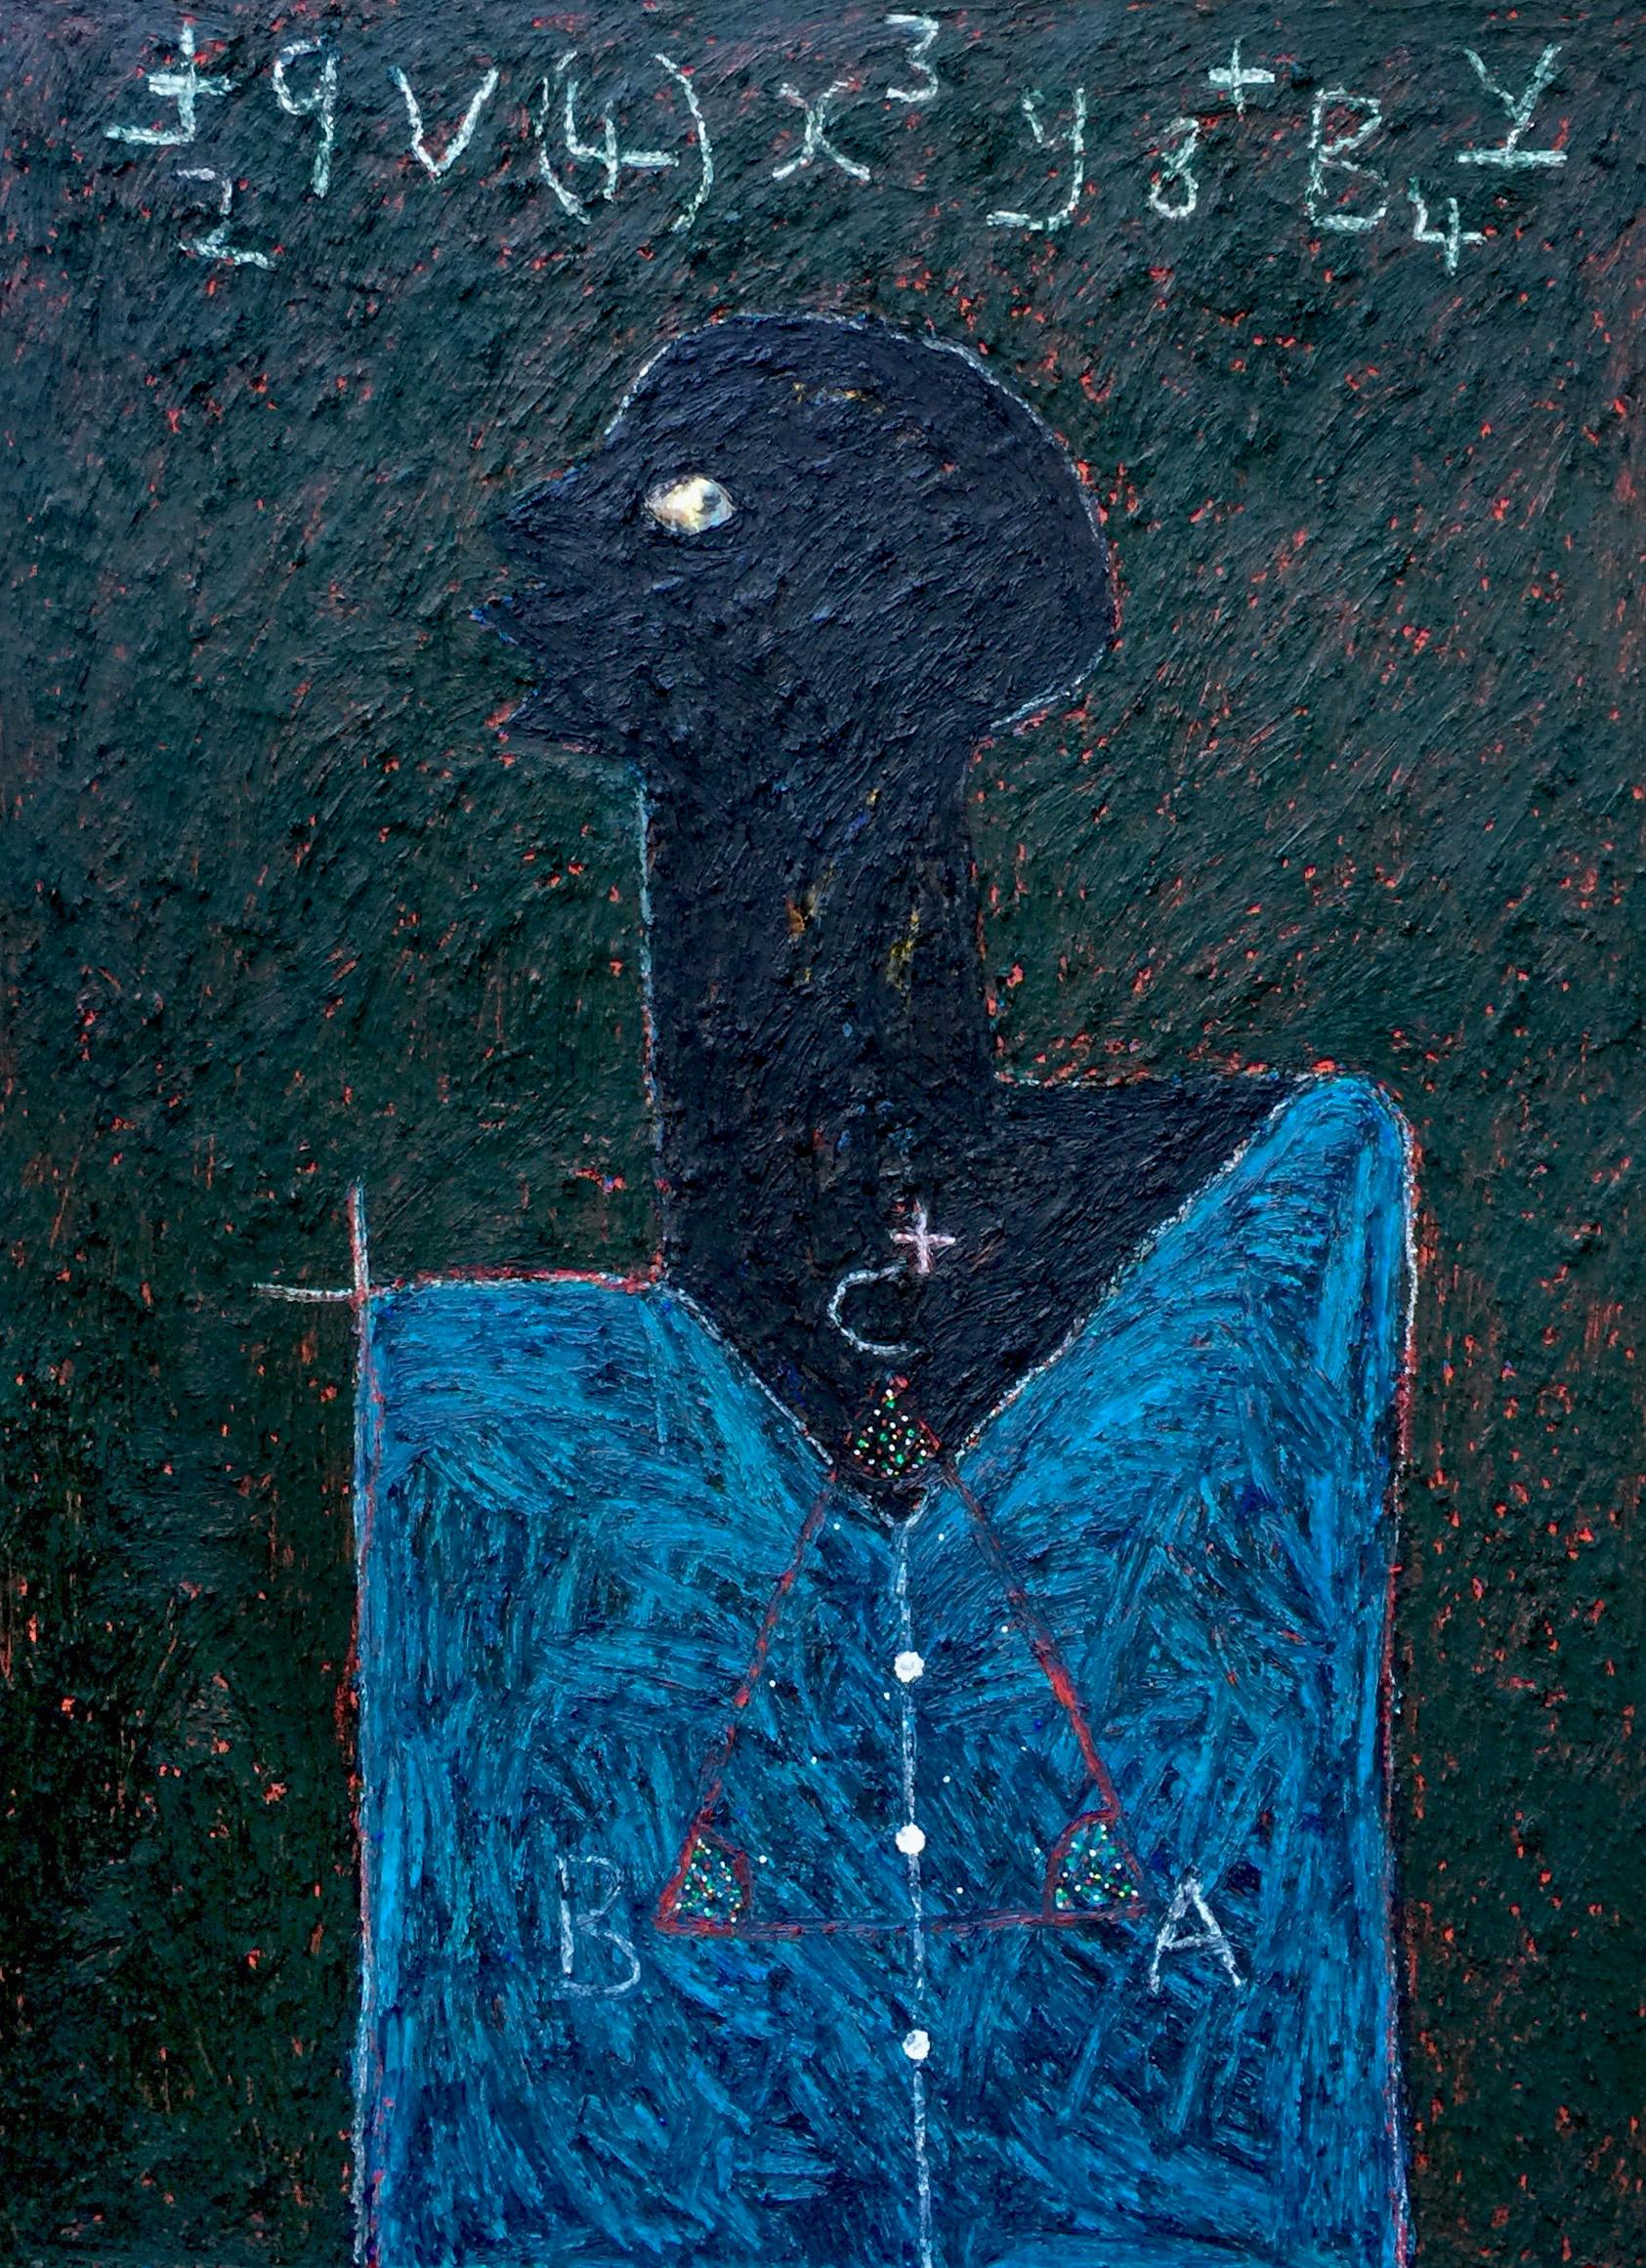 Adjani Okpu-Egbe: Untitled